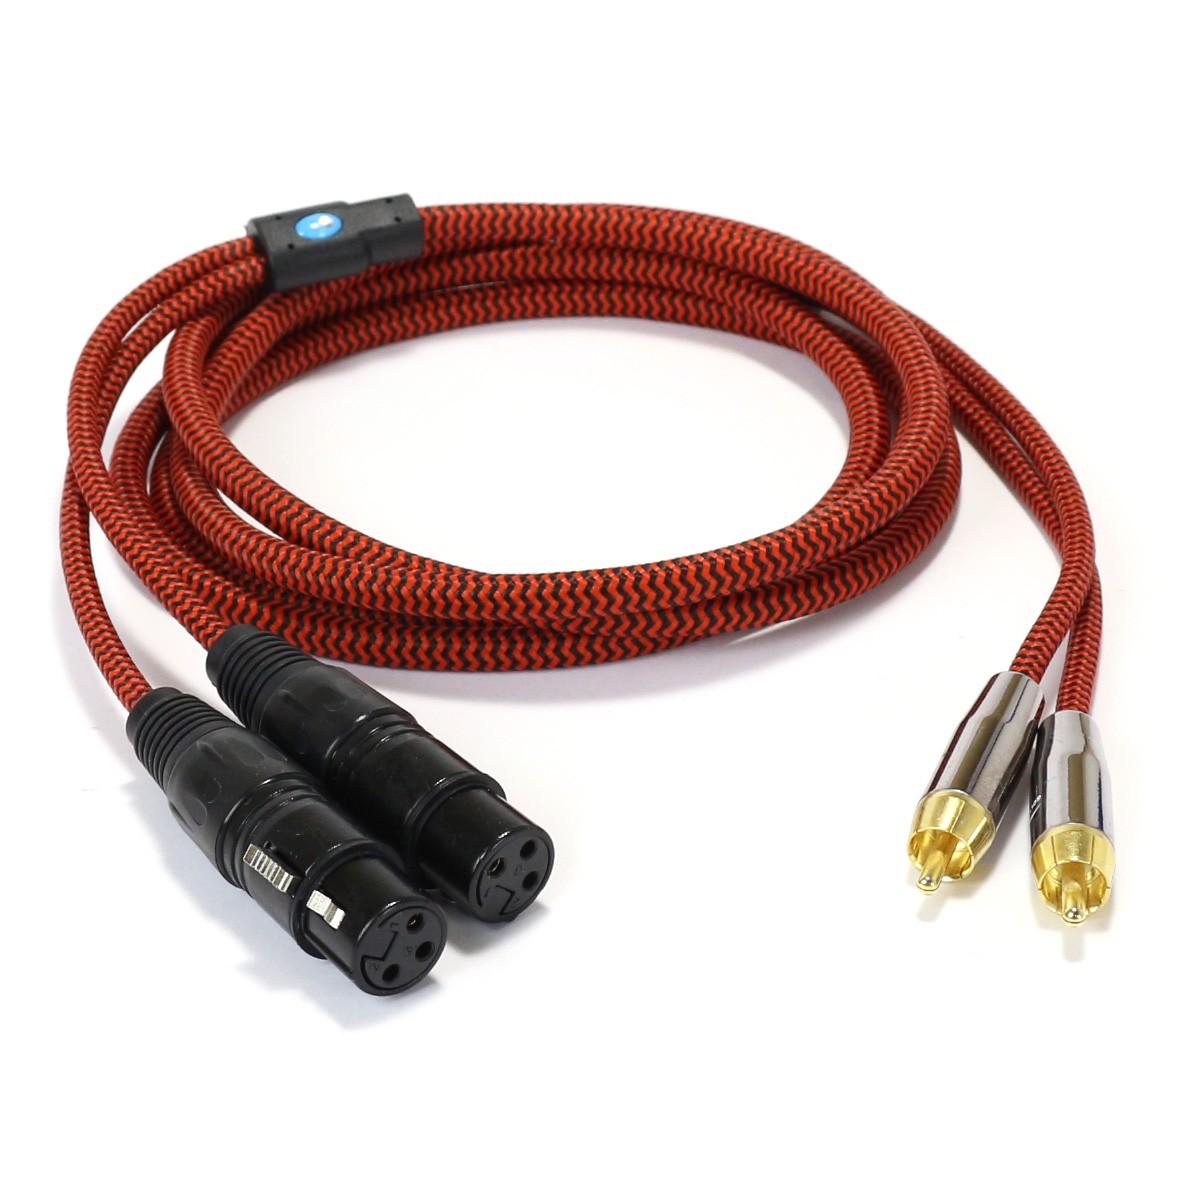 CYK Câble de modulation stéréo RCA - XLR femelle Cuivre OFC plaqué Or 24K 2m